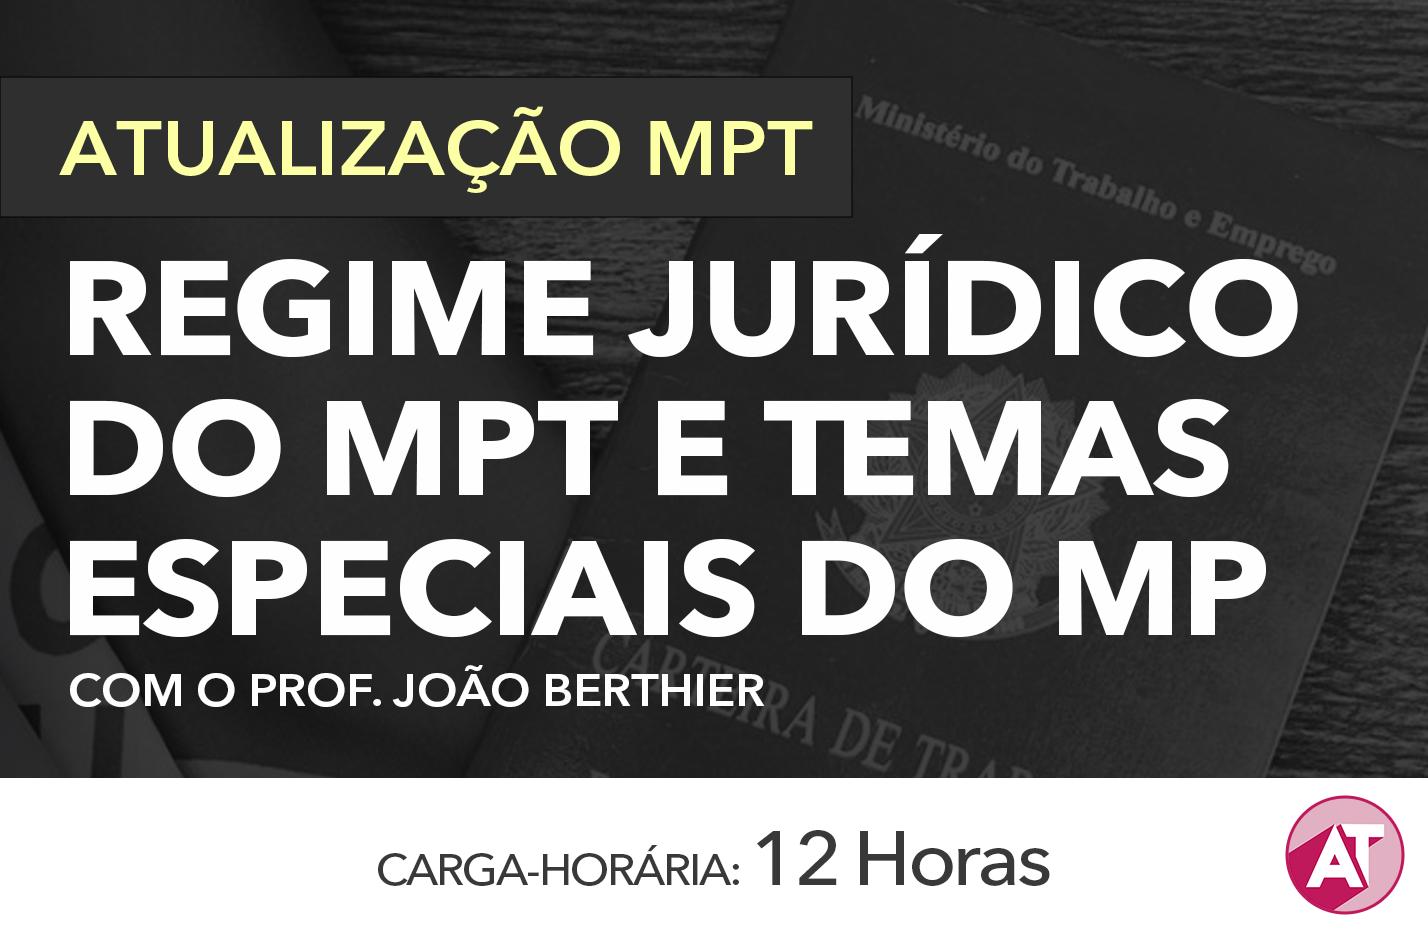 REGIME JURÍDICO DO MPT E TEMAS ESPECIAIS DO MPT